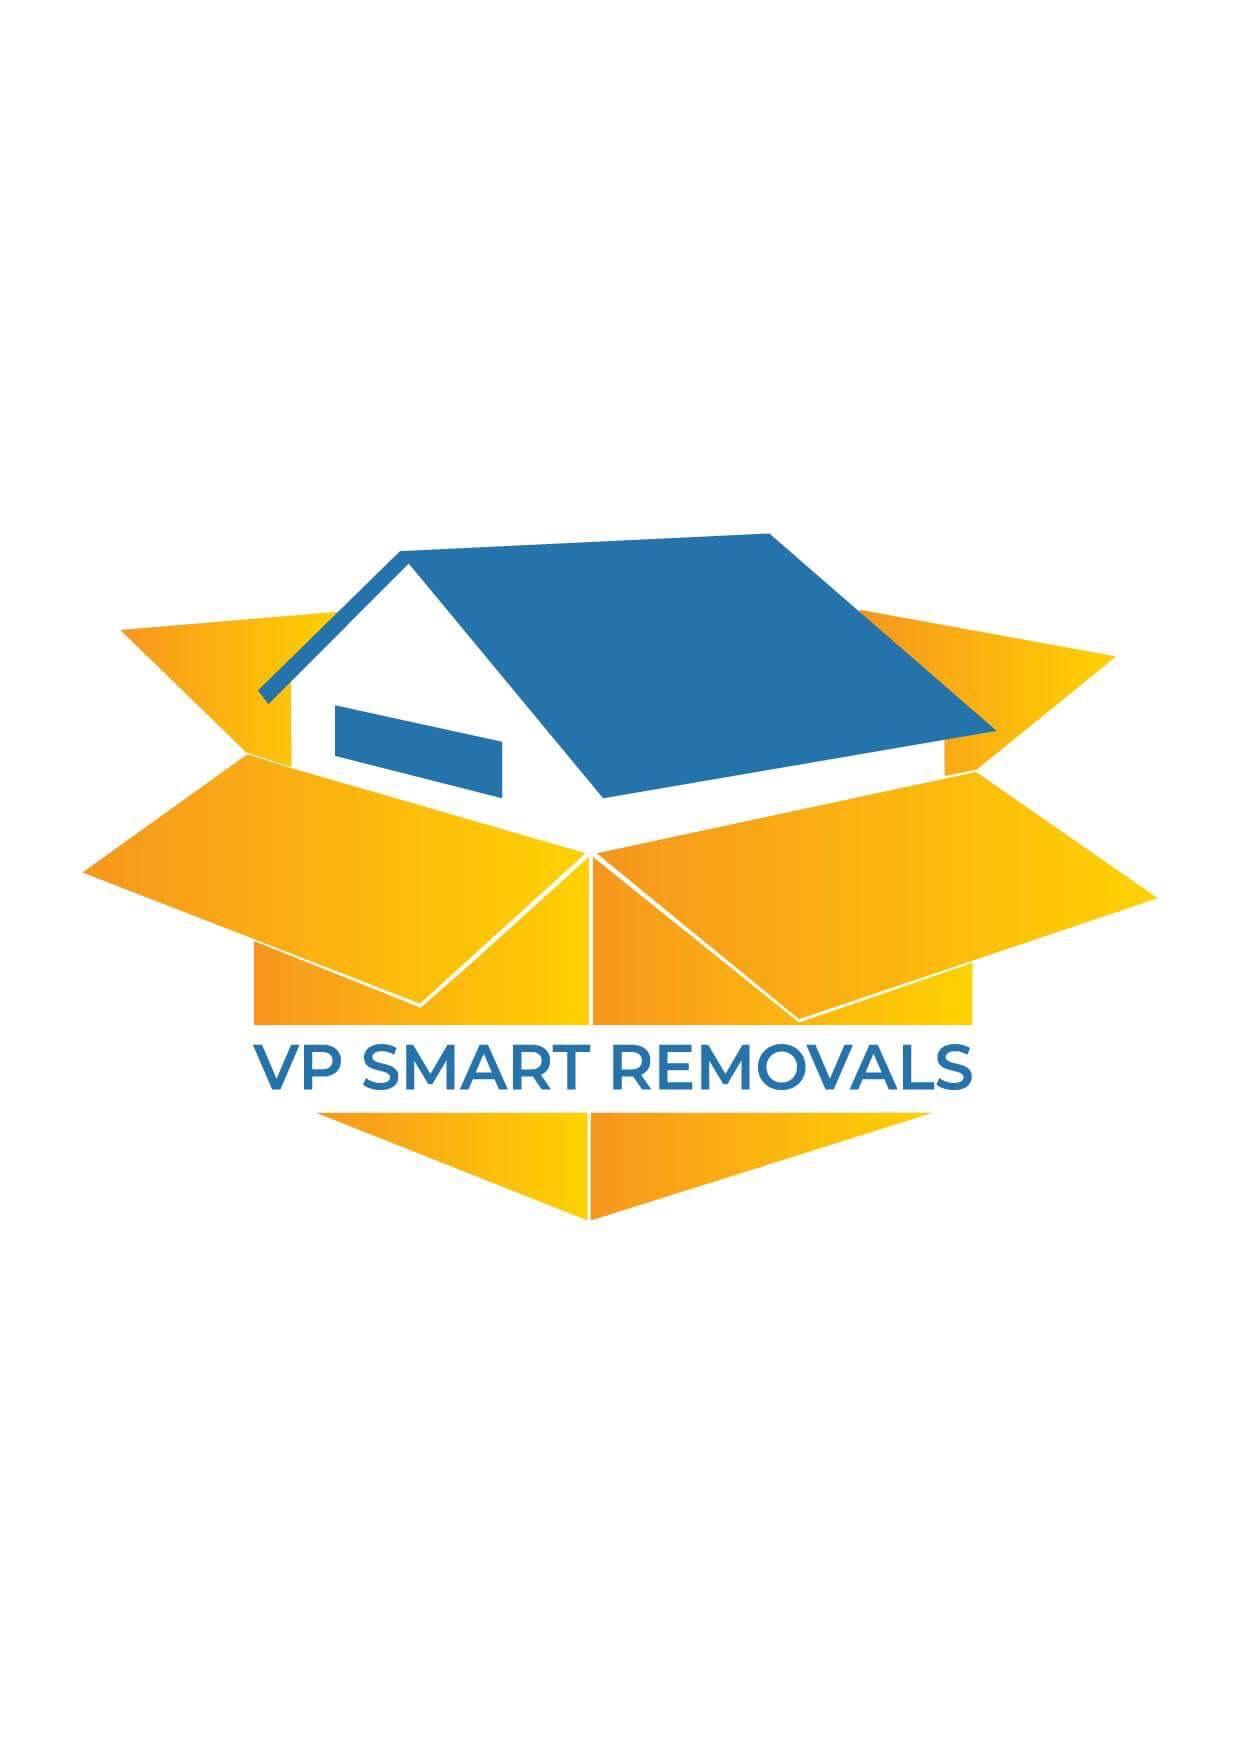 VP-Smart-Removals